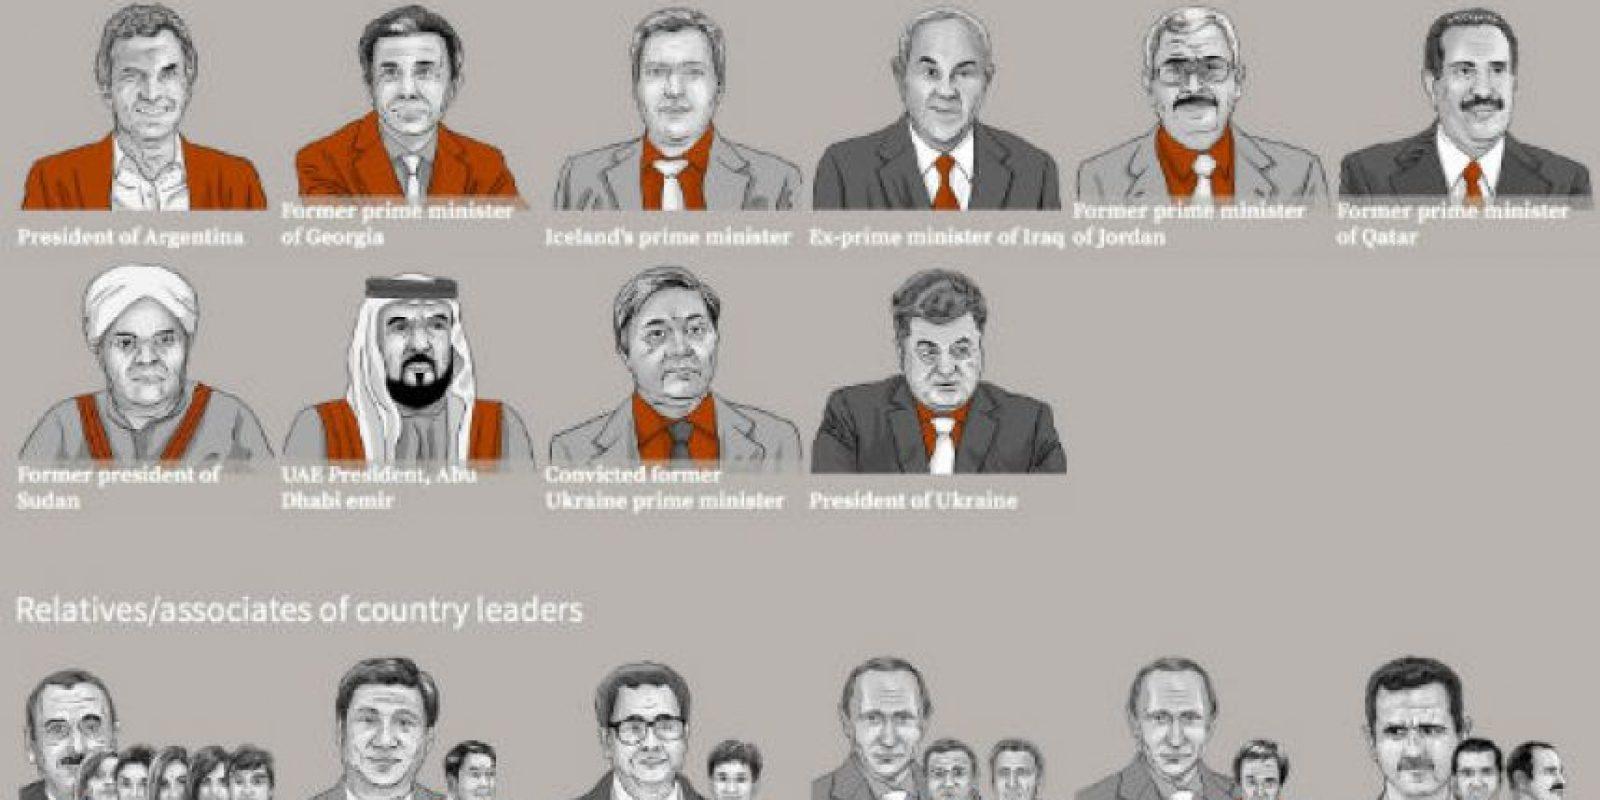 Panama Papers Foto:panamapapers.icij.org